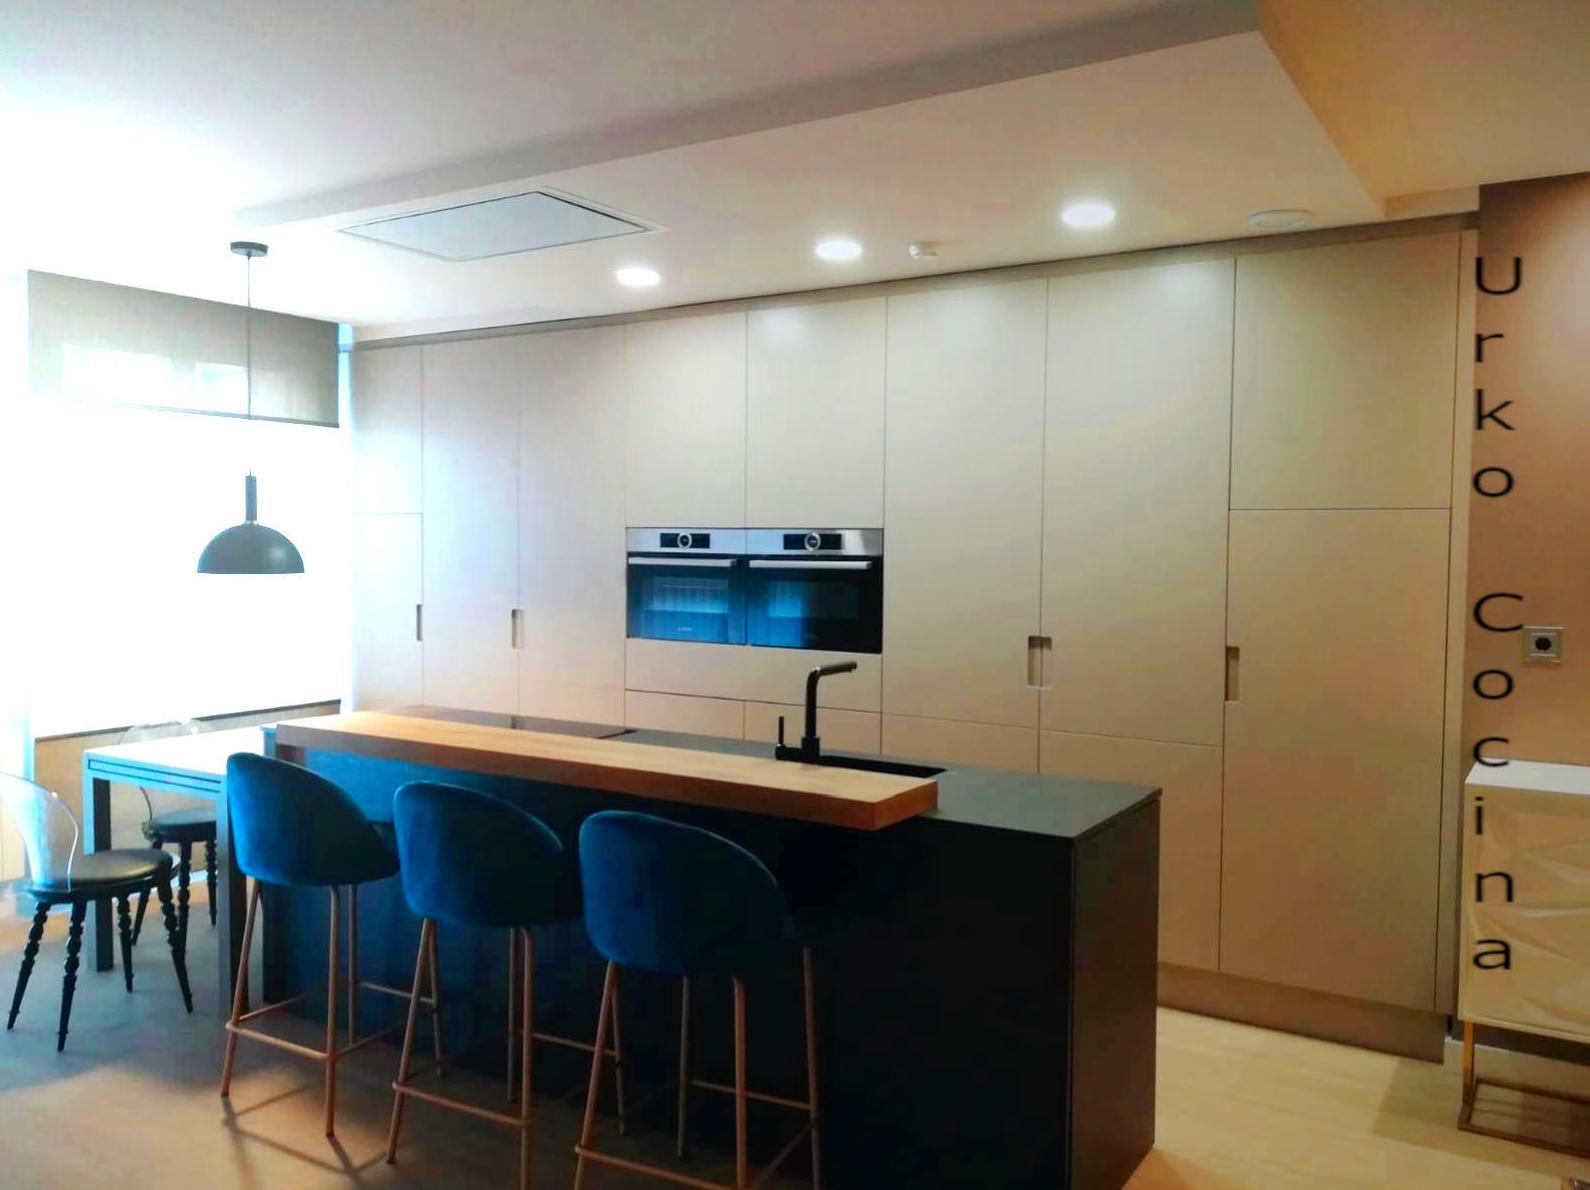 Foto 5 de Muebles de baño y cocina en Bilbao | Urko Cocina